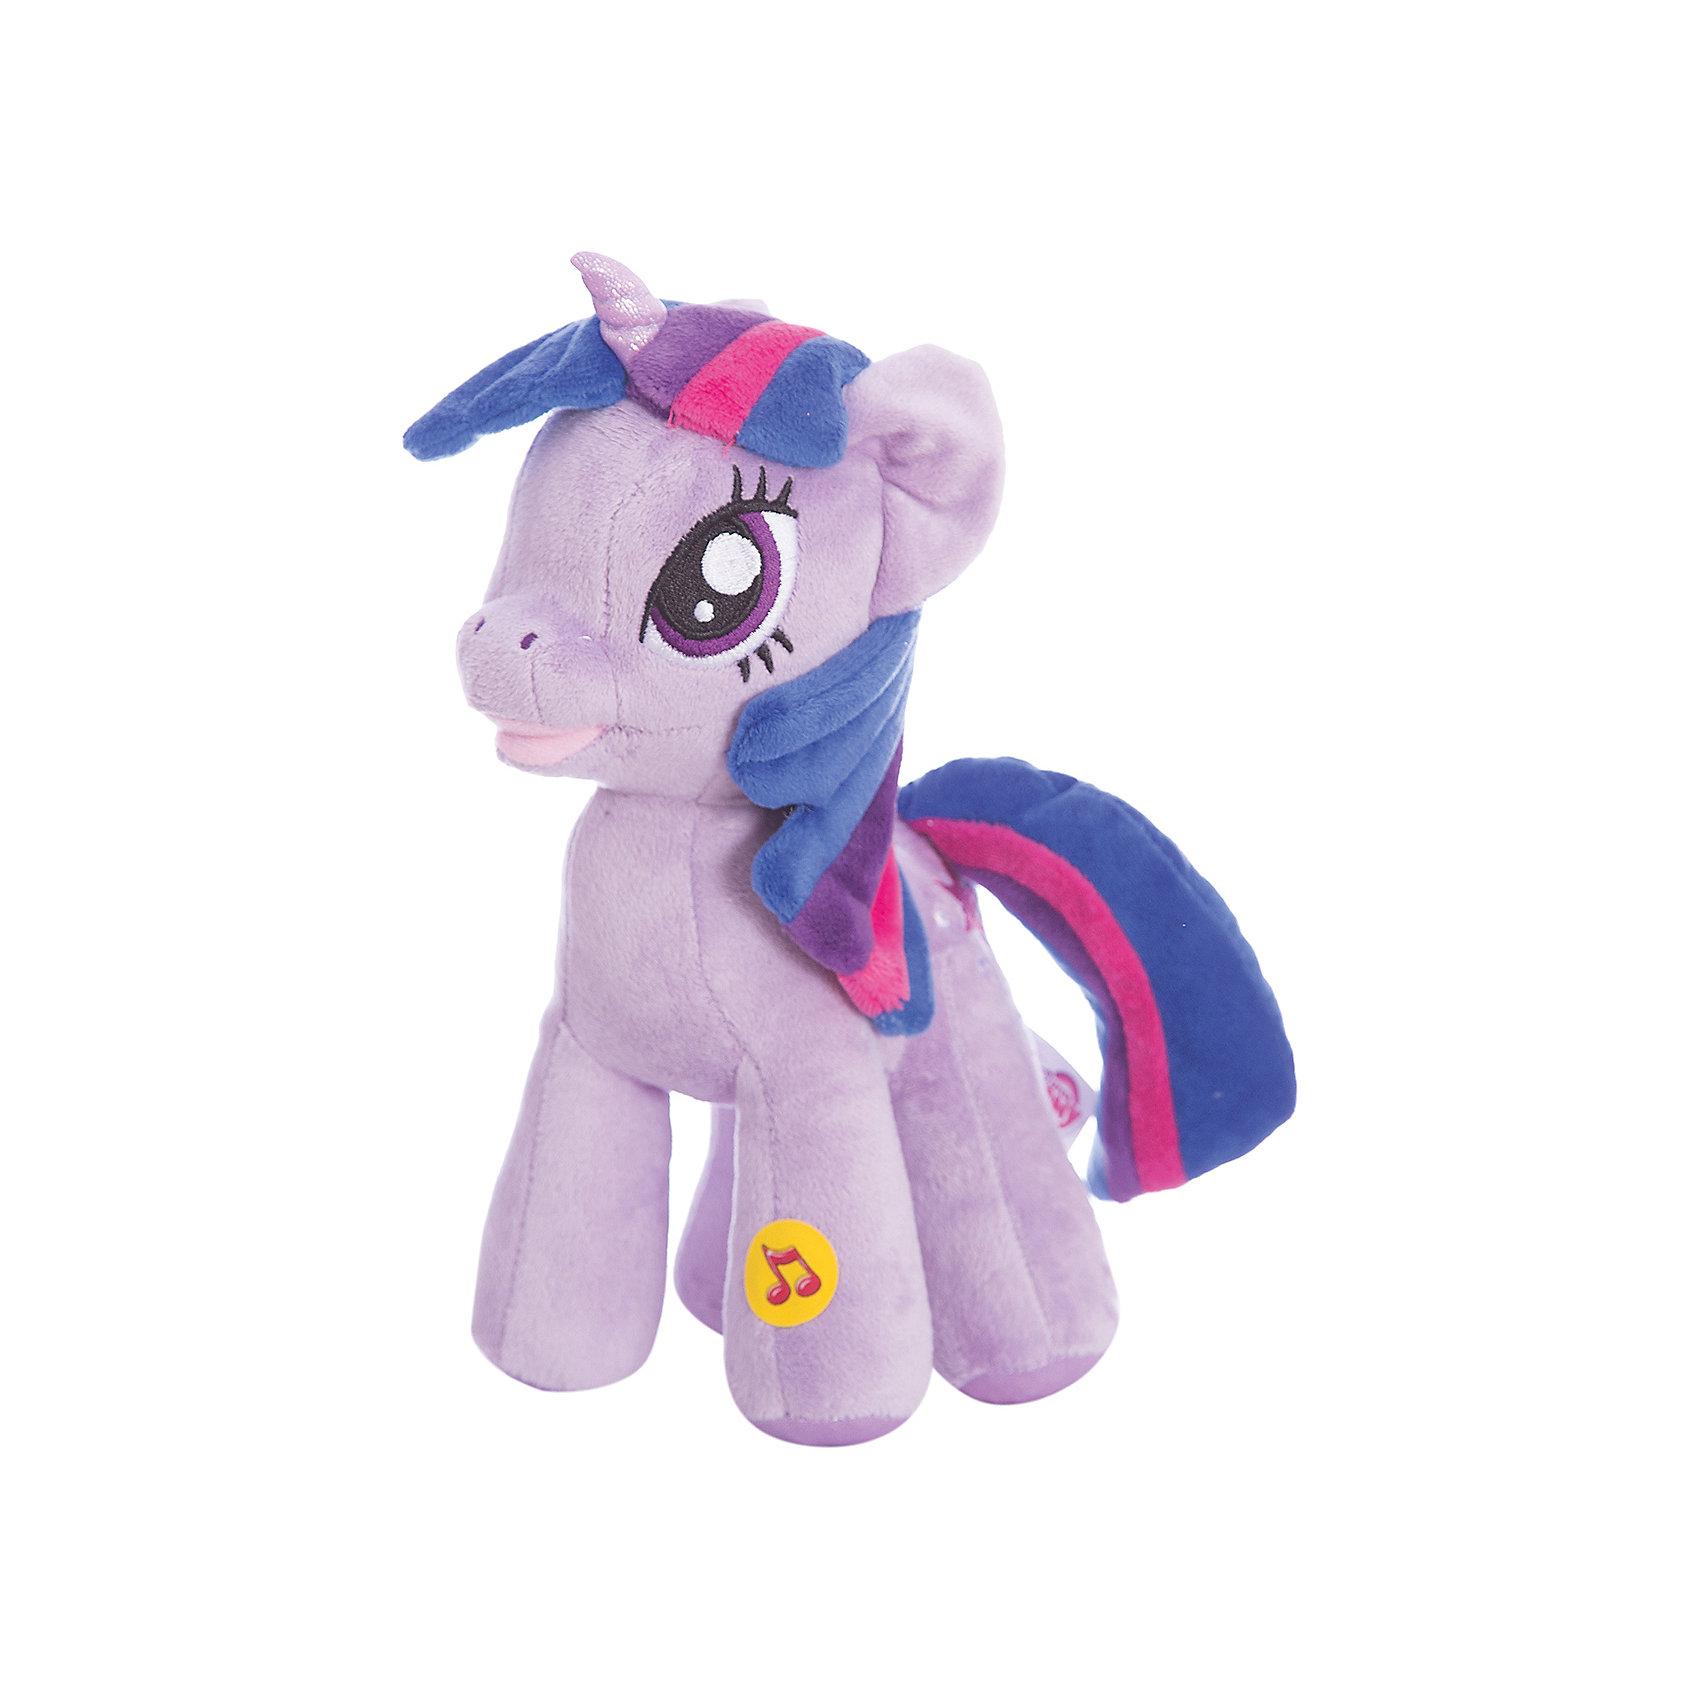 Мягкая игрушка Пони Искорка, со светом и звуком, My little Pony, МУЛЬТИ-ПУЛЬТИЛюбимые герои<br>Мягкая игрушка Мульти-Пульти пони Искорка из мультсериала My Little Pony станет замечательным подарком для Вашей девочки. Пони Искорка из волшебного королевства очень красива, у нее разноцветная грива и хвост, игрушка очень мягкая и приятная на ощупь. Если нажать ей на ножку, то она заговорит или будет петь песню из мультика, игрушка также обладает световым эффектом. <br><br>Дополнительная информация:<br><br>- Материал: текстиль, синтепон.<br>- Требуются батарейки: 3 * LR44 (входят в комплект).<br>- Размер: 23 см.<br>- Вес: 0,23 кг.<br><br>Мягкую игрушку Пони Искорка (My little Pony) от Мульти-Пульти можно купить в нашем магазине.<br><br>Ширина мм: 120<br>Глубина мм: 240<br>Высота мм: 340<br>Вес г: 292<br>Возраст от месяцев: 24<br>Возраст до месяцев: 1188<br>Пол: Унисекс<br>Возраст: Детский<br>SKU: 3384134